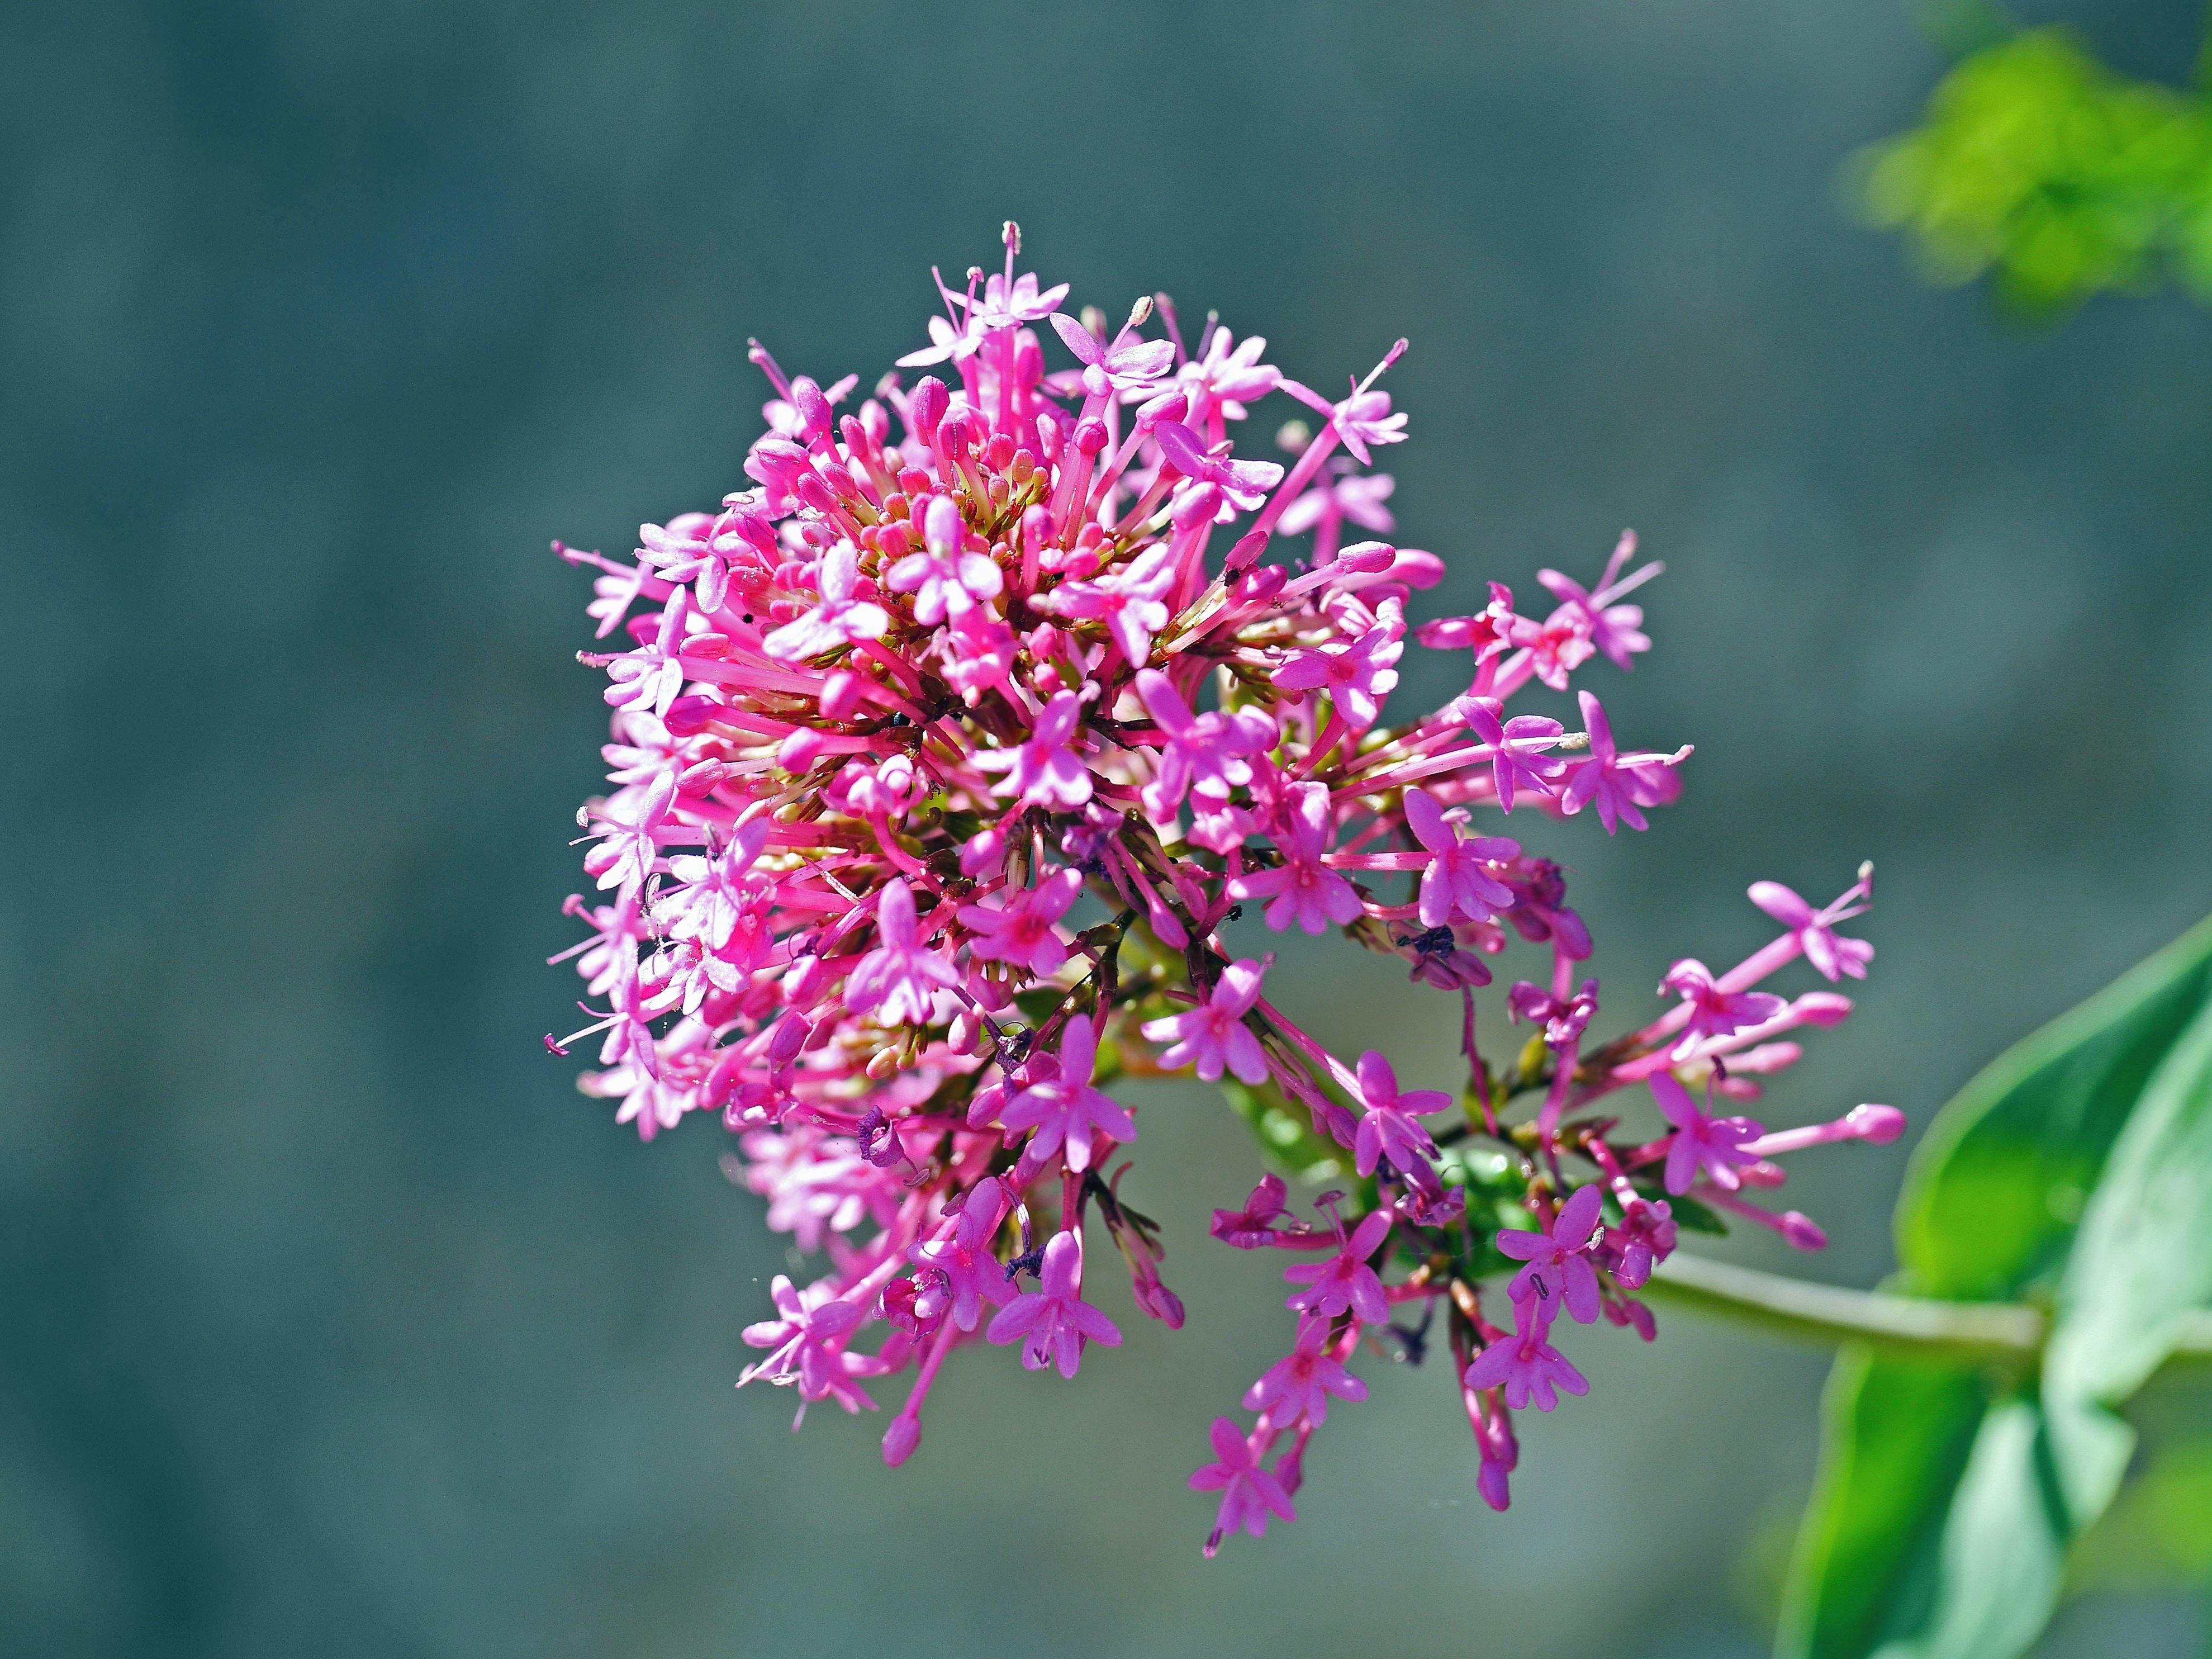 kostenlose bild blume rosa pflanze bl te zweig bl tenblatt bl te garten mit blumen. Black Bedroom Furniture Sets. Home Design Ideas